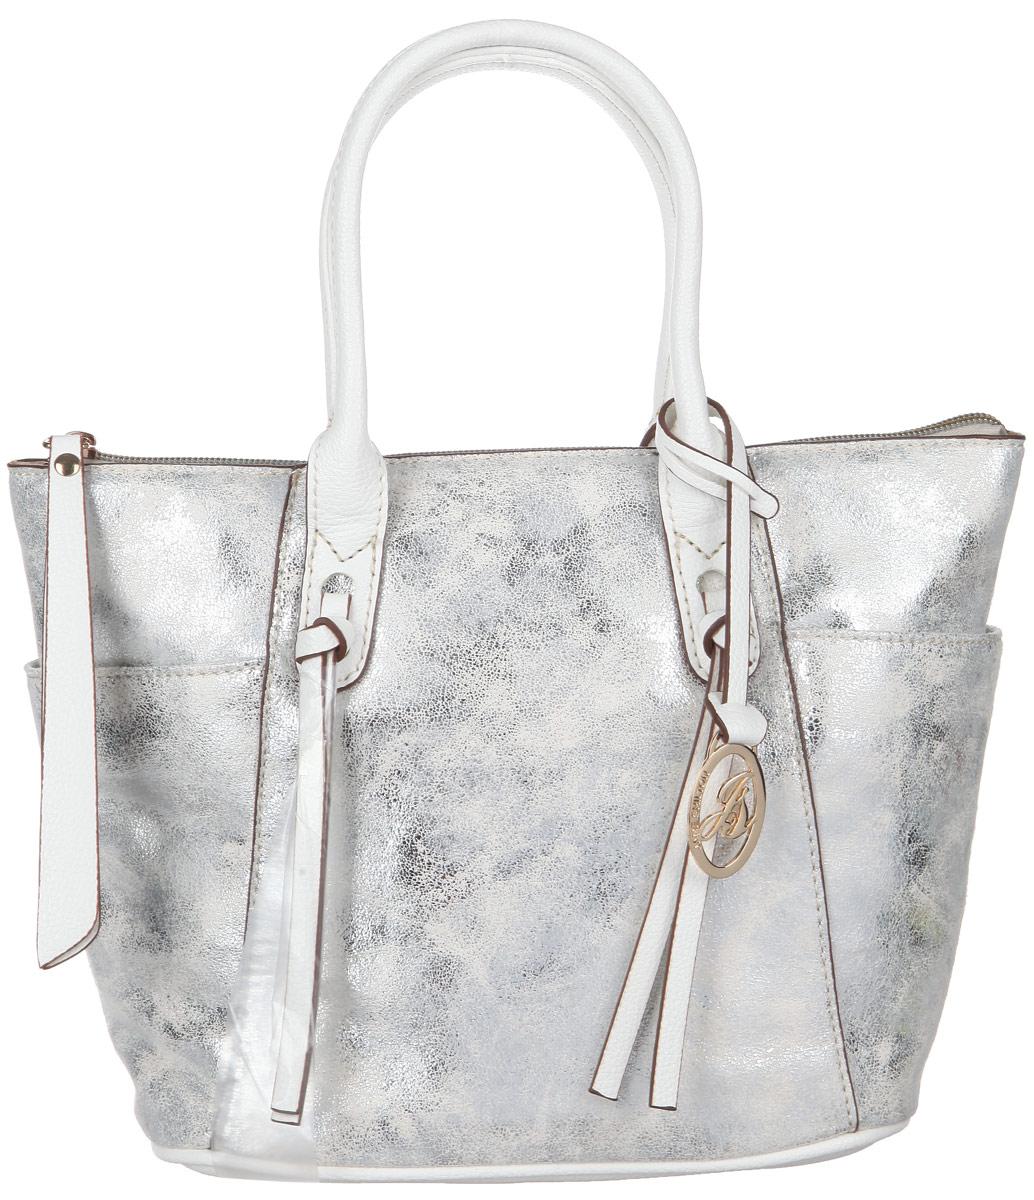 Сумка женская Jane Shilton, цвет: белый, серебристый. 208623008Стильная женская сумка Jane Shilton, выполненная из мягкой искусственной кожи с блестящим покрытием, дополнена фирменным брелоком. Изделие имеет одно основное отделение, которое закрывается на застежку-молнию. Внутри находятся прорезной карман на застежке-молнии и накладной открытый карман. Снаружи, по бокам расположены нашивные открытые карманы. Модель оснащена двумя удобными ручками.В комплект входит съемный плечевой ремень. Роскошная сумка внесет элегантные нотки в ваш образ и подчеркнет ваше отменное чувство стиля.